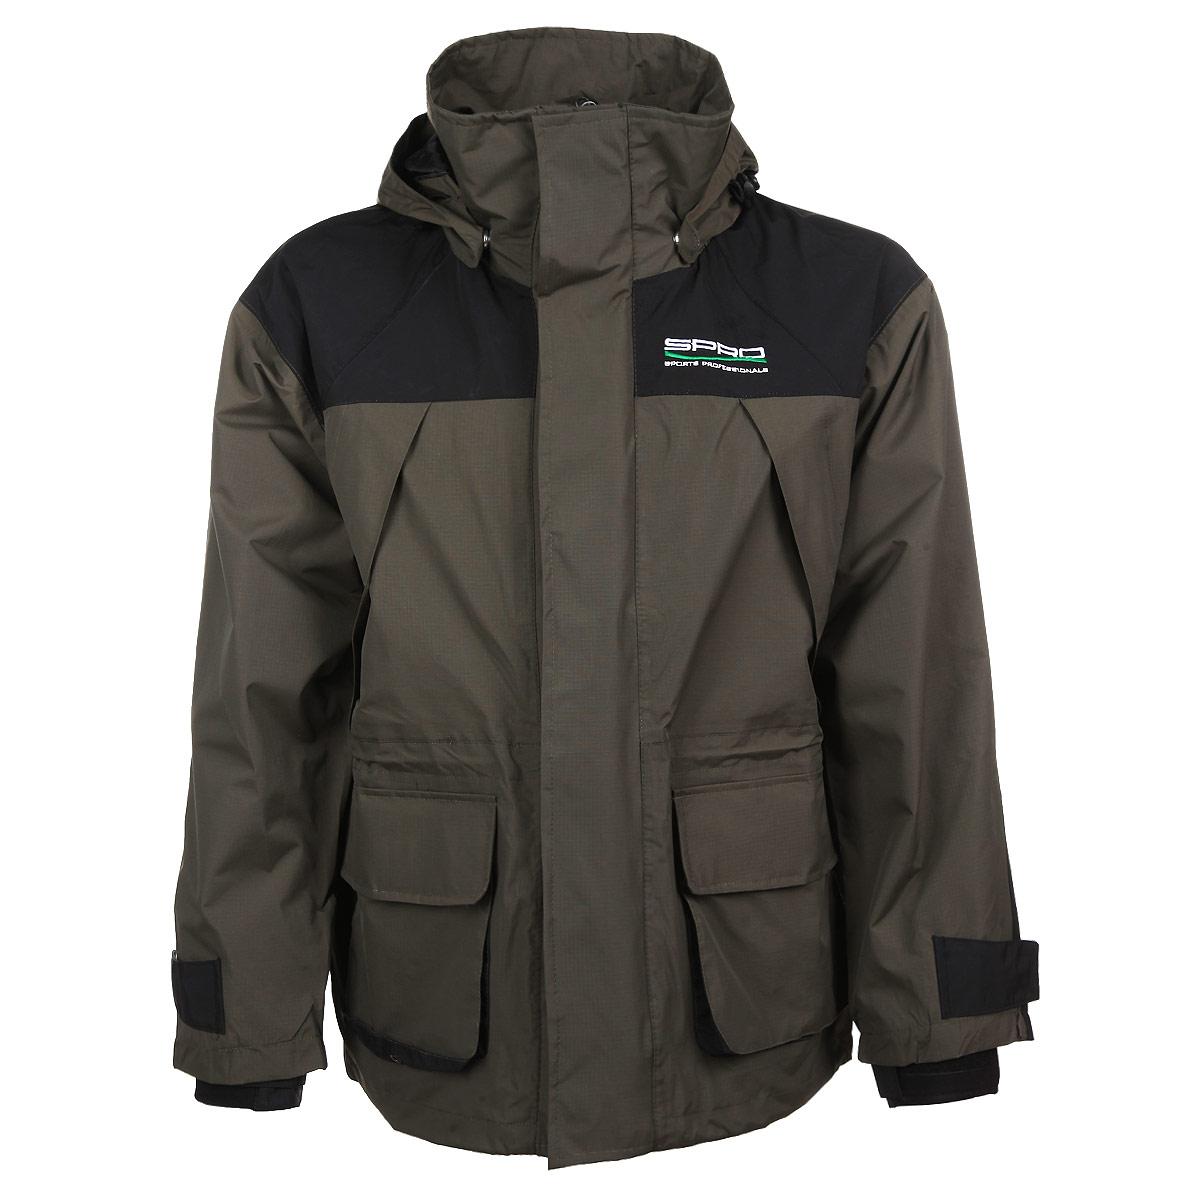 Куртка мужская рыболовная SPRO, цвет: темно-зеленый, черный. 0044110. Размер XXXL (56-58)